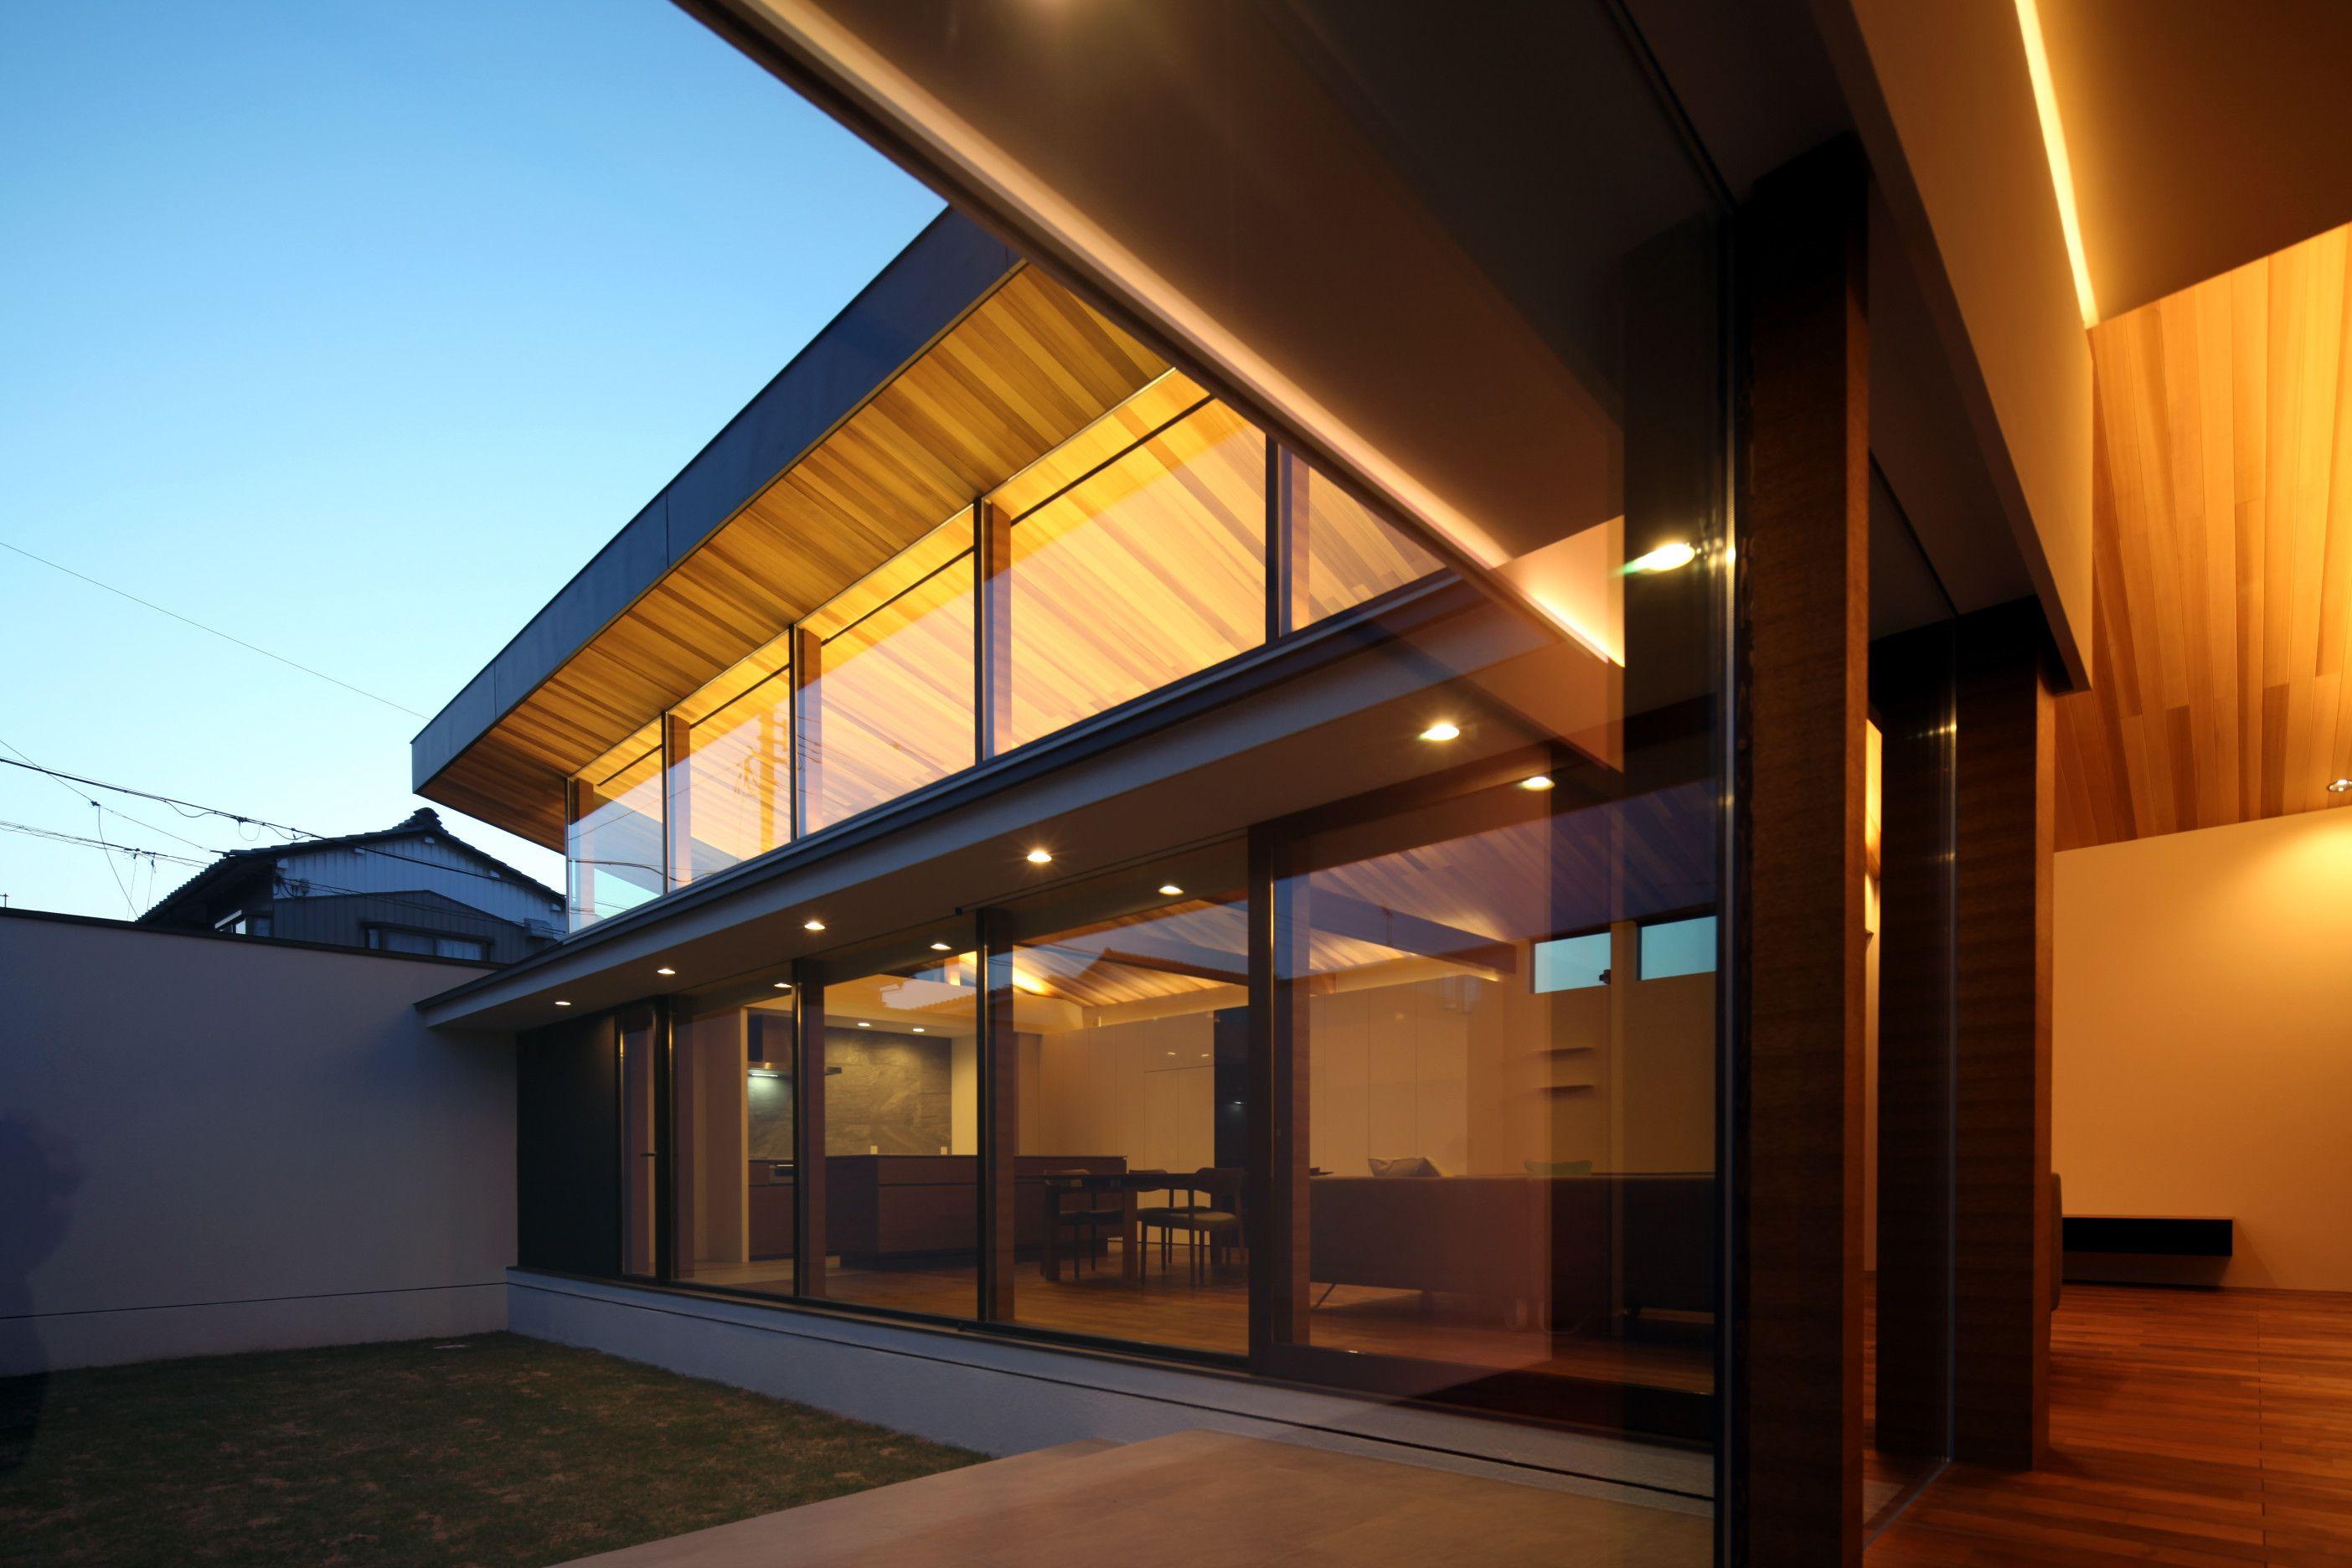 コートハウスとし プライベートな中庭を形成することで 周囲の視線を